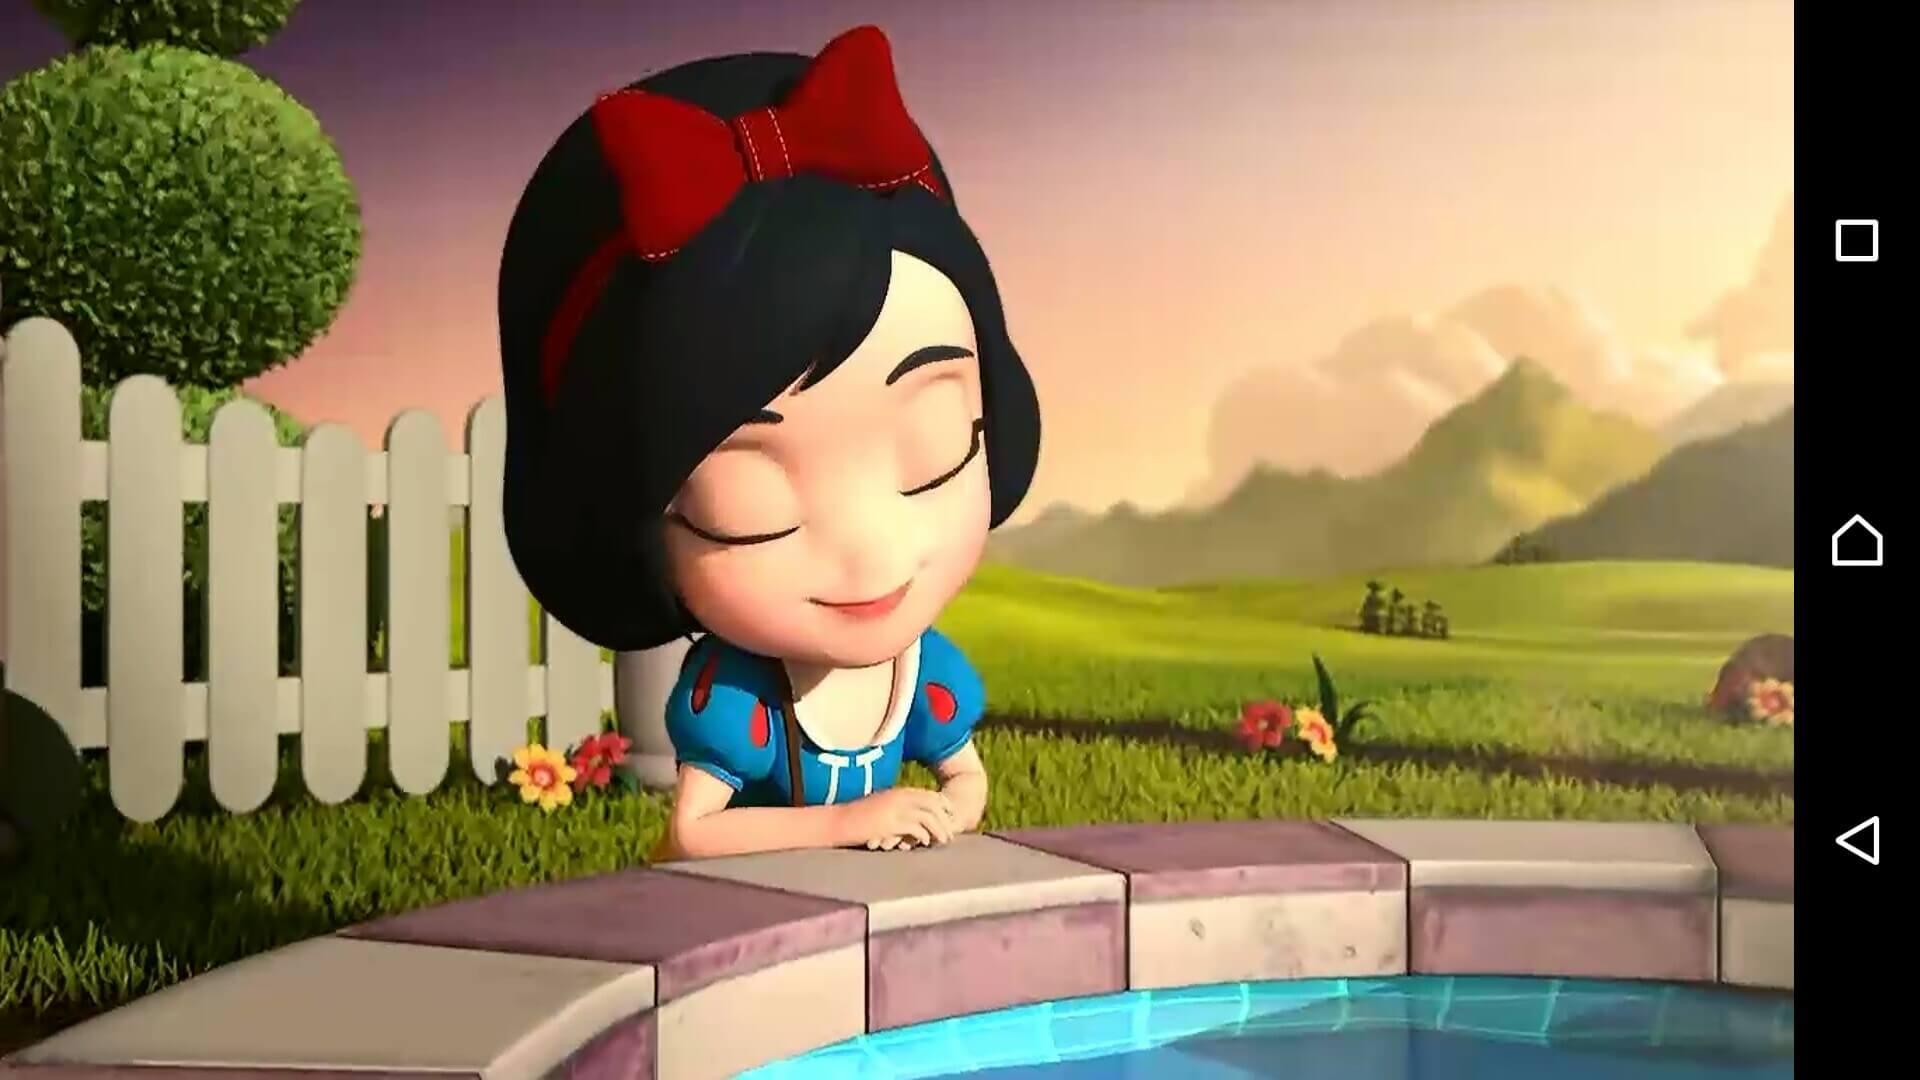 ディズニーマジカルダイス9 白雪姫風の主人公が噴水で佇んでいる様子